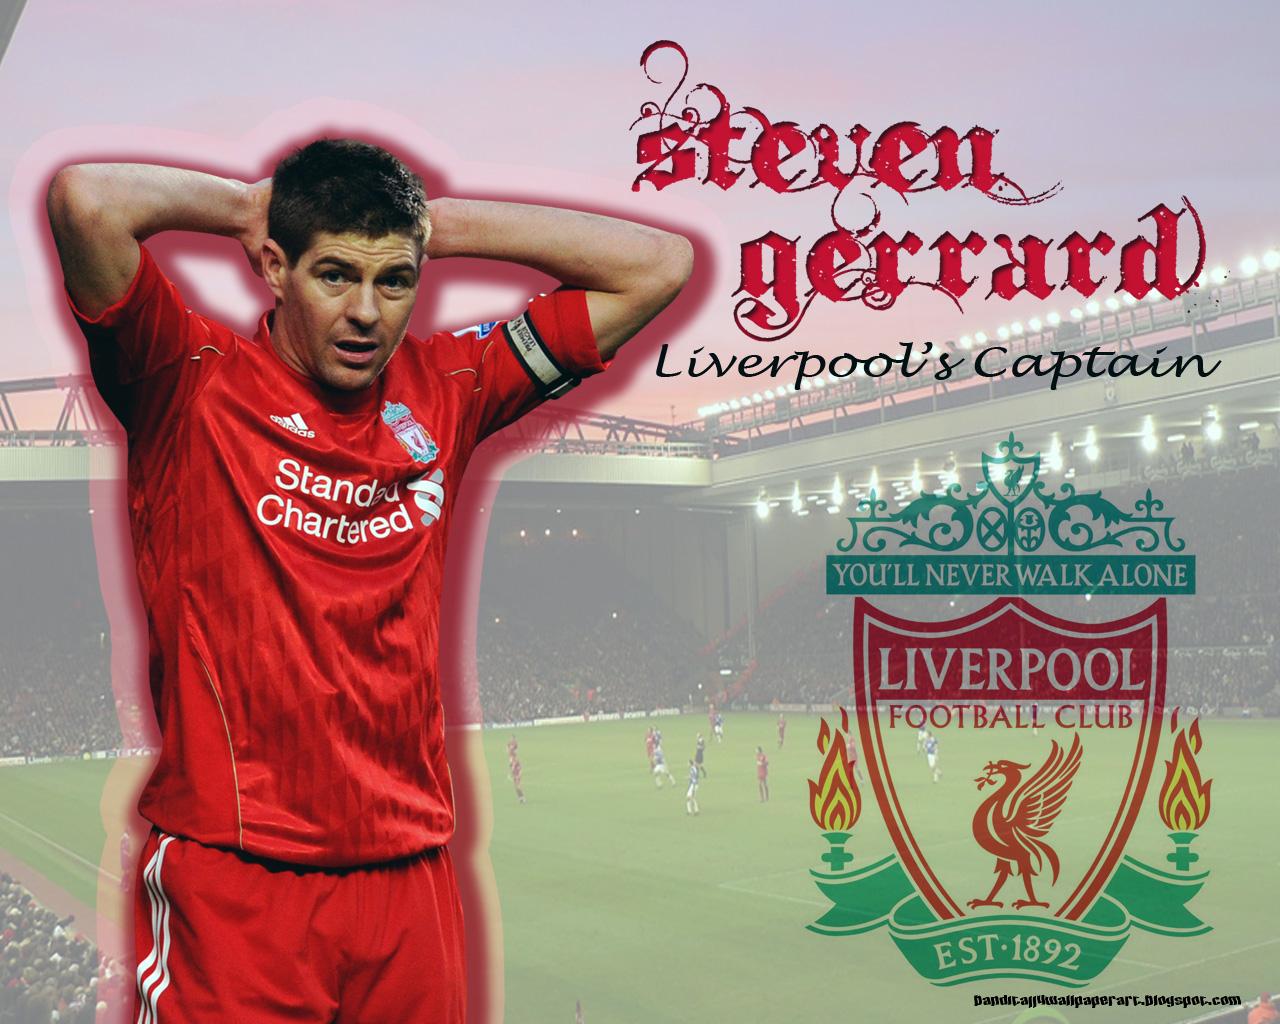 http://4.bp.blogspot.com/-uU3X9CgQKe0/TwhLRs2jsSI/AAAAAAAABOc/8anQ686feMQ/s1600/Liverpool-Steven-Gerrard-Wallpaper-HD.jpg